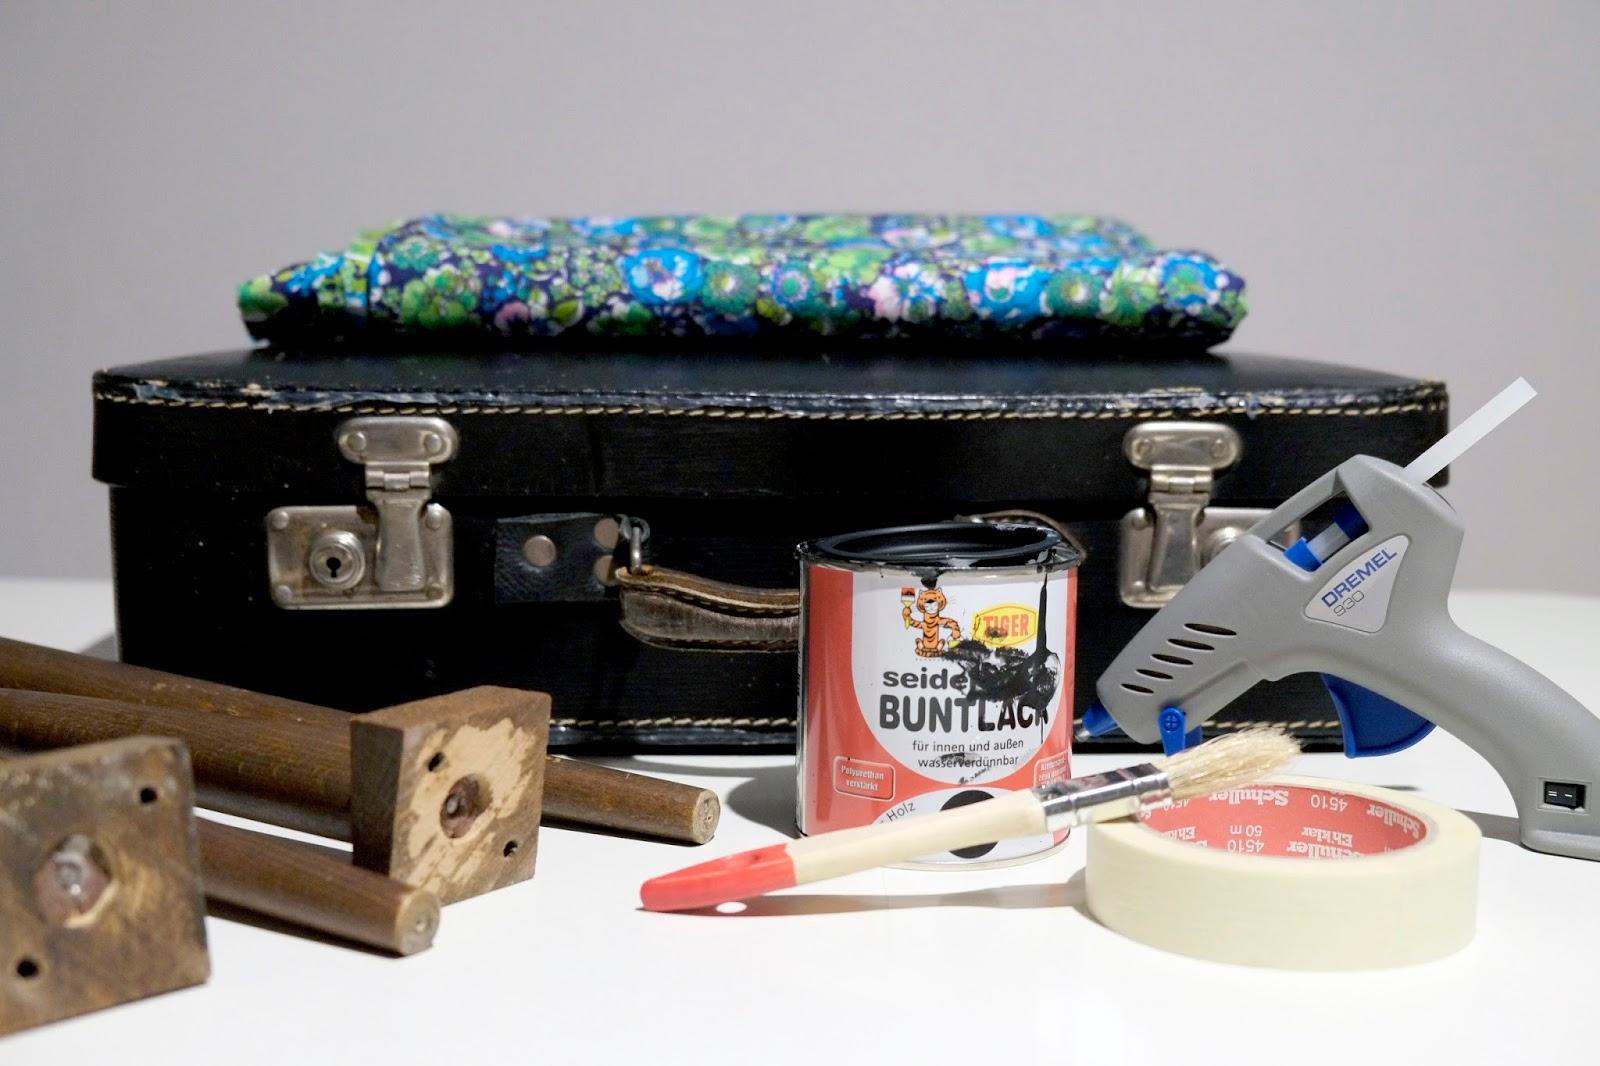 alte koffer makeover oder aus einem koffer wird einen beistelltisch saperlotte info. Black Bedroom Furniture Sets. Home Design Ideas